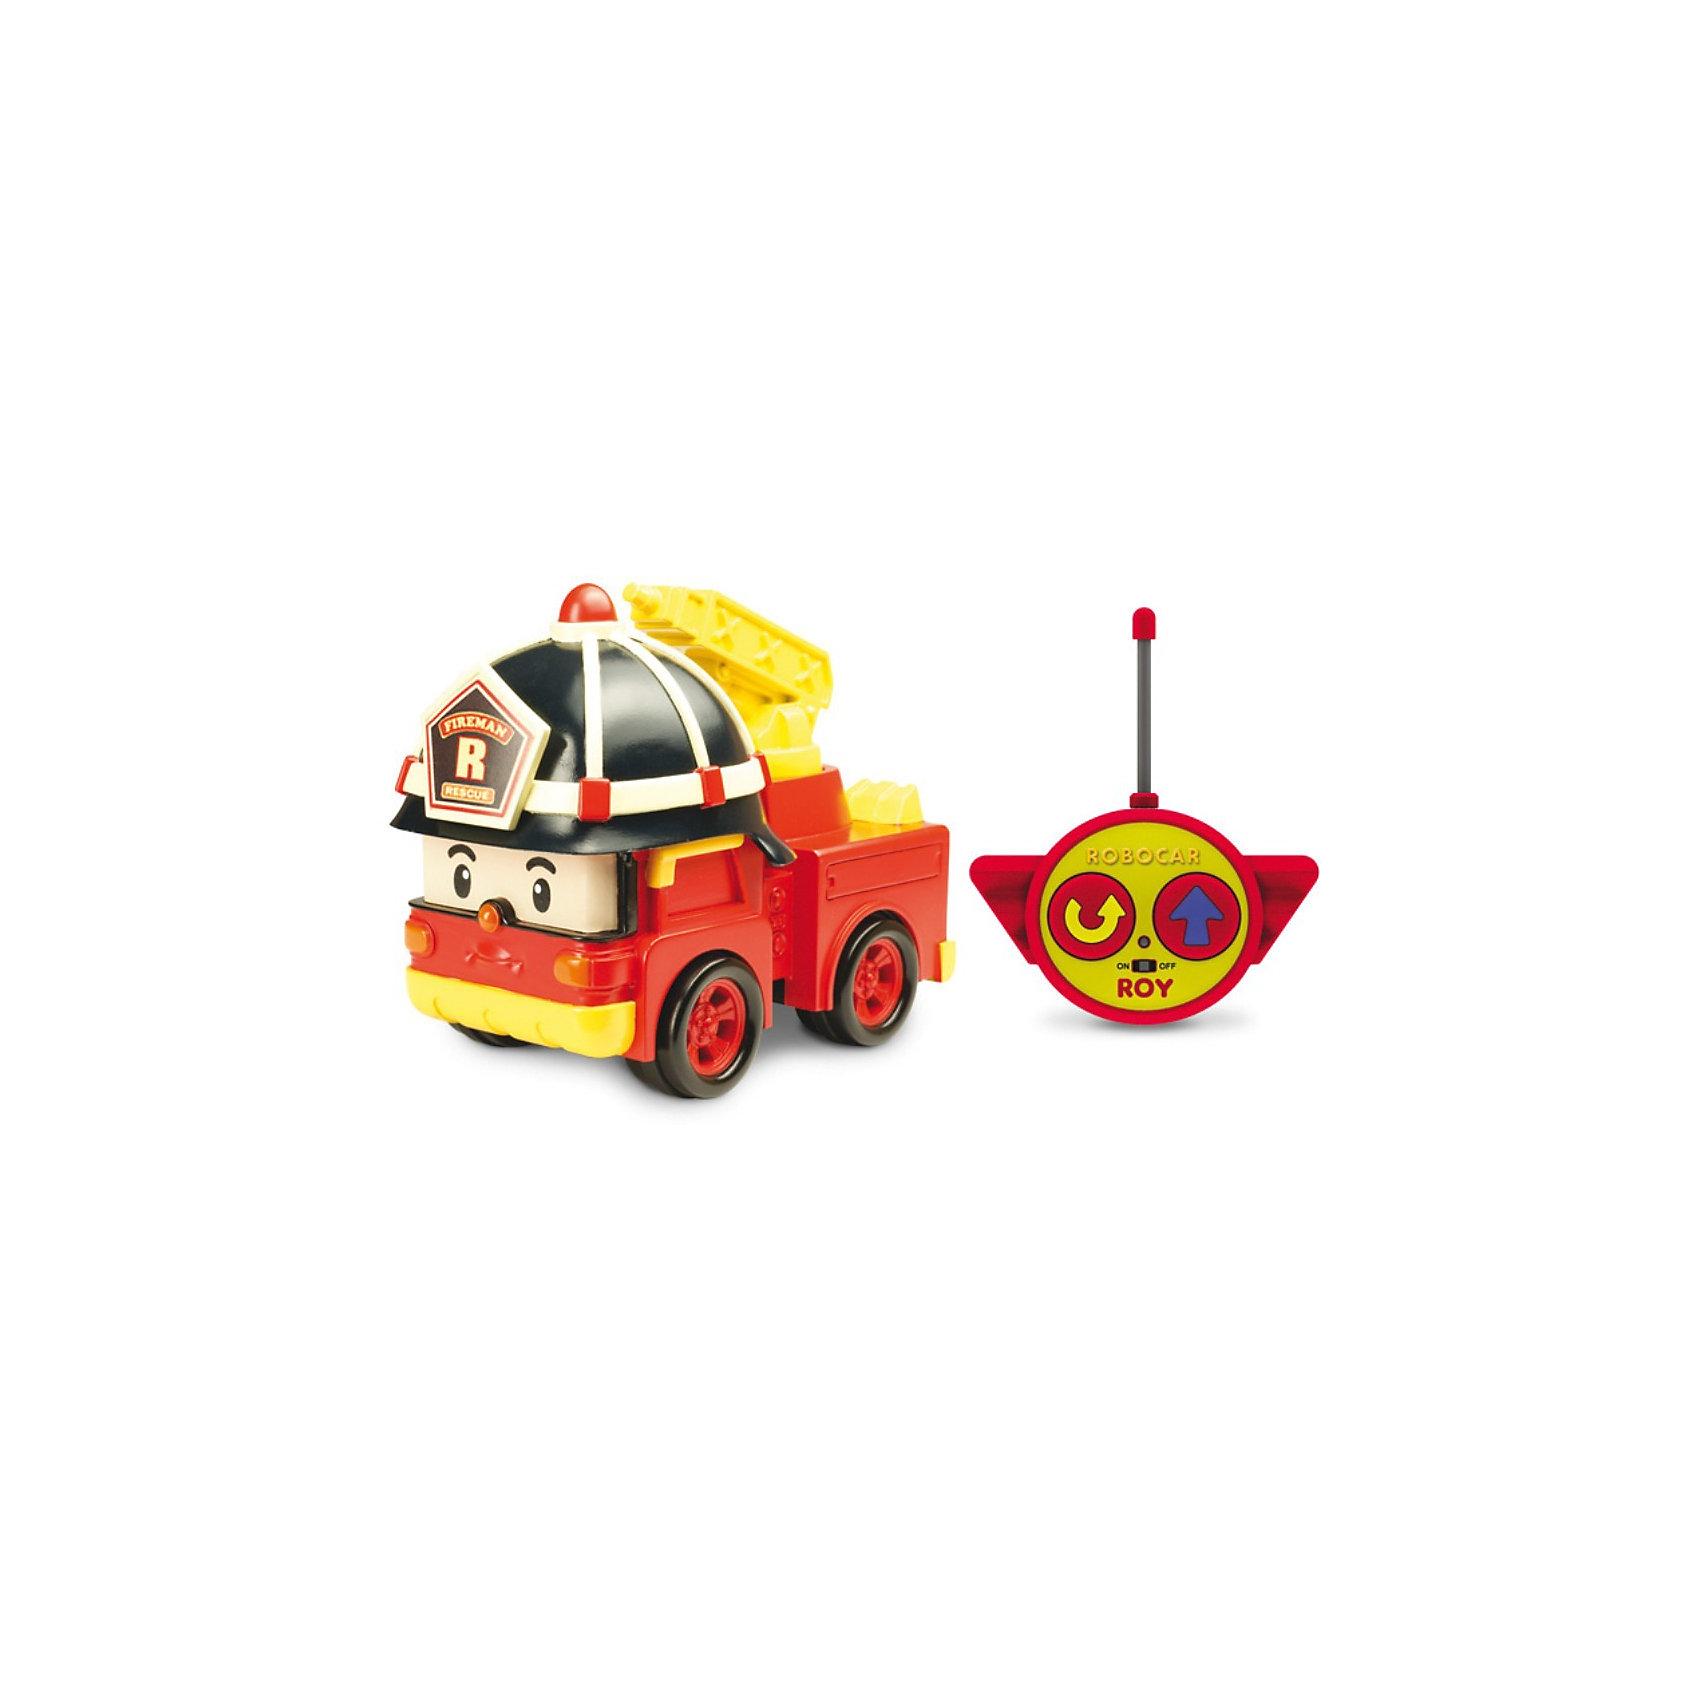 Silverlit Игрушка Рой на радиоуправлении, 15см, Робокар Поли игрушка на радиоуправлении